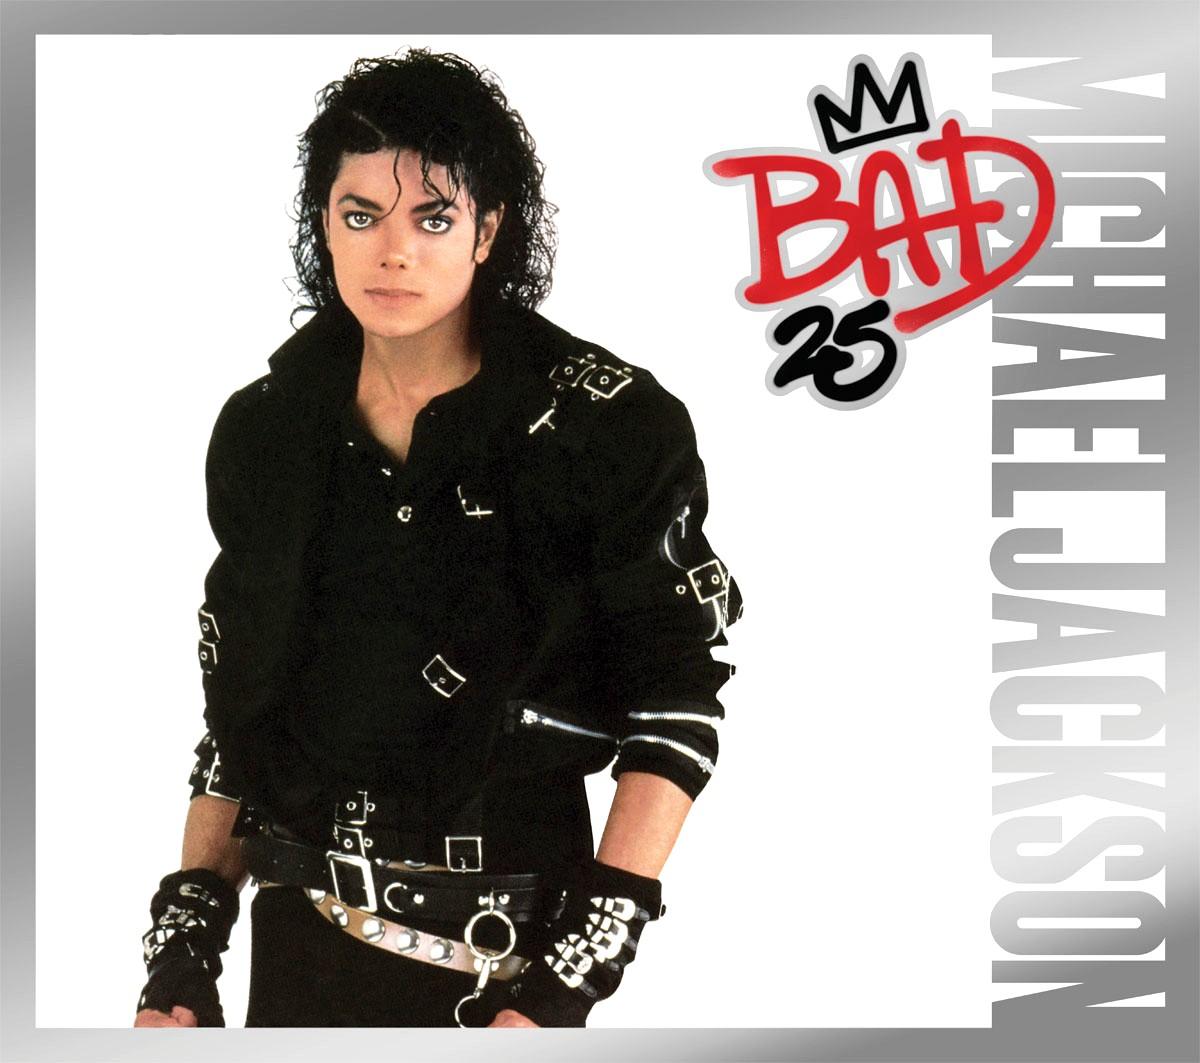 http://4.bp.blogspot.com/-8IScBfKZZmA/UFdFT-Pvz5I/AAAAAAAAAig/8VEuAc3uOoc/s1600/MichaelJackson.jpg